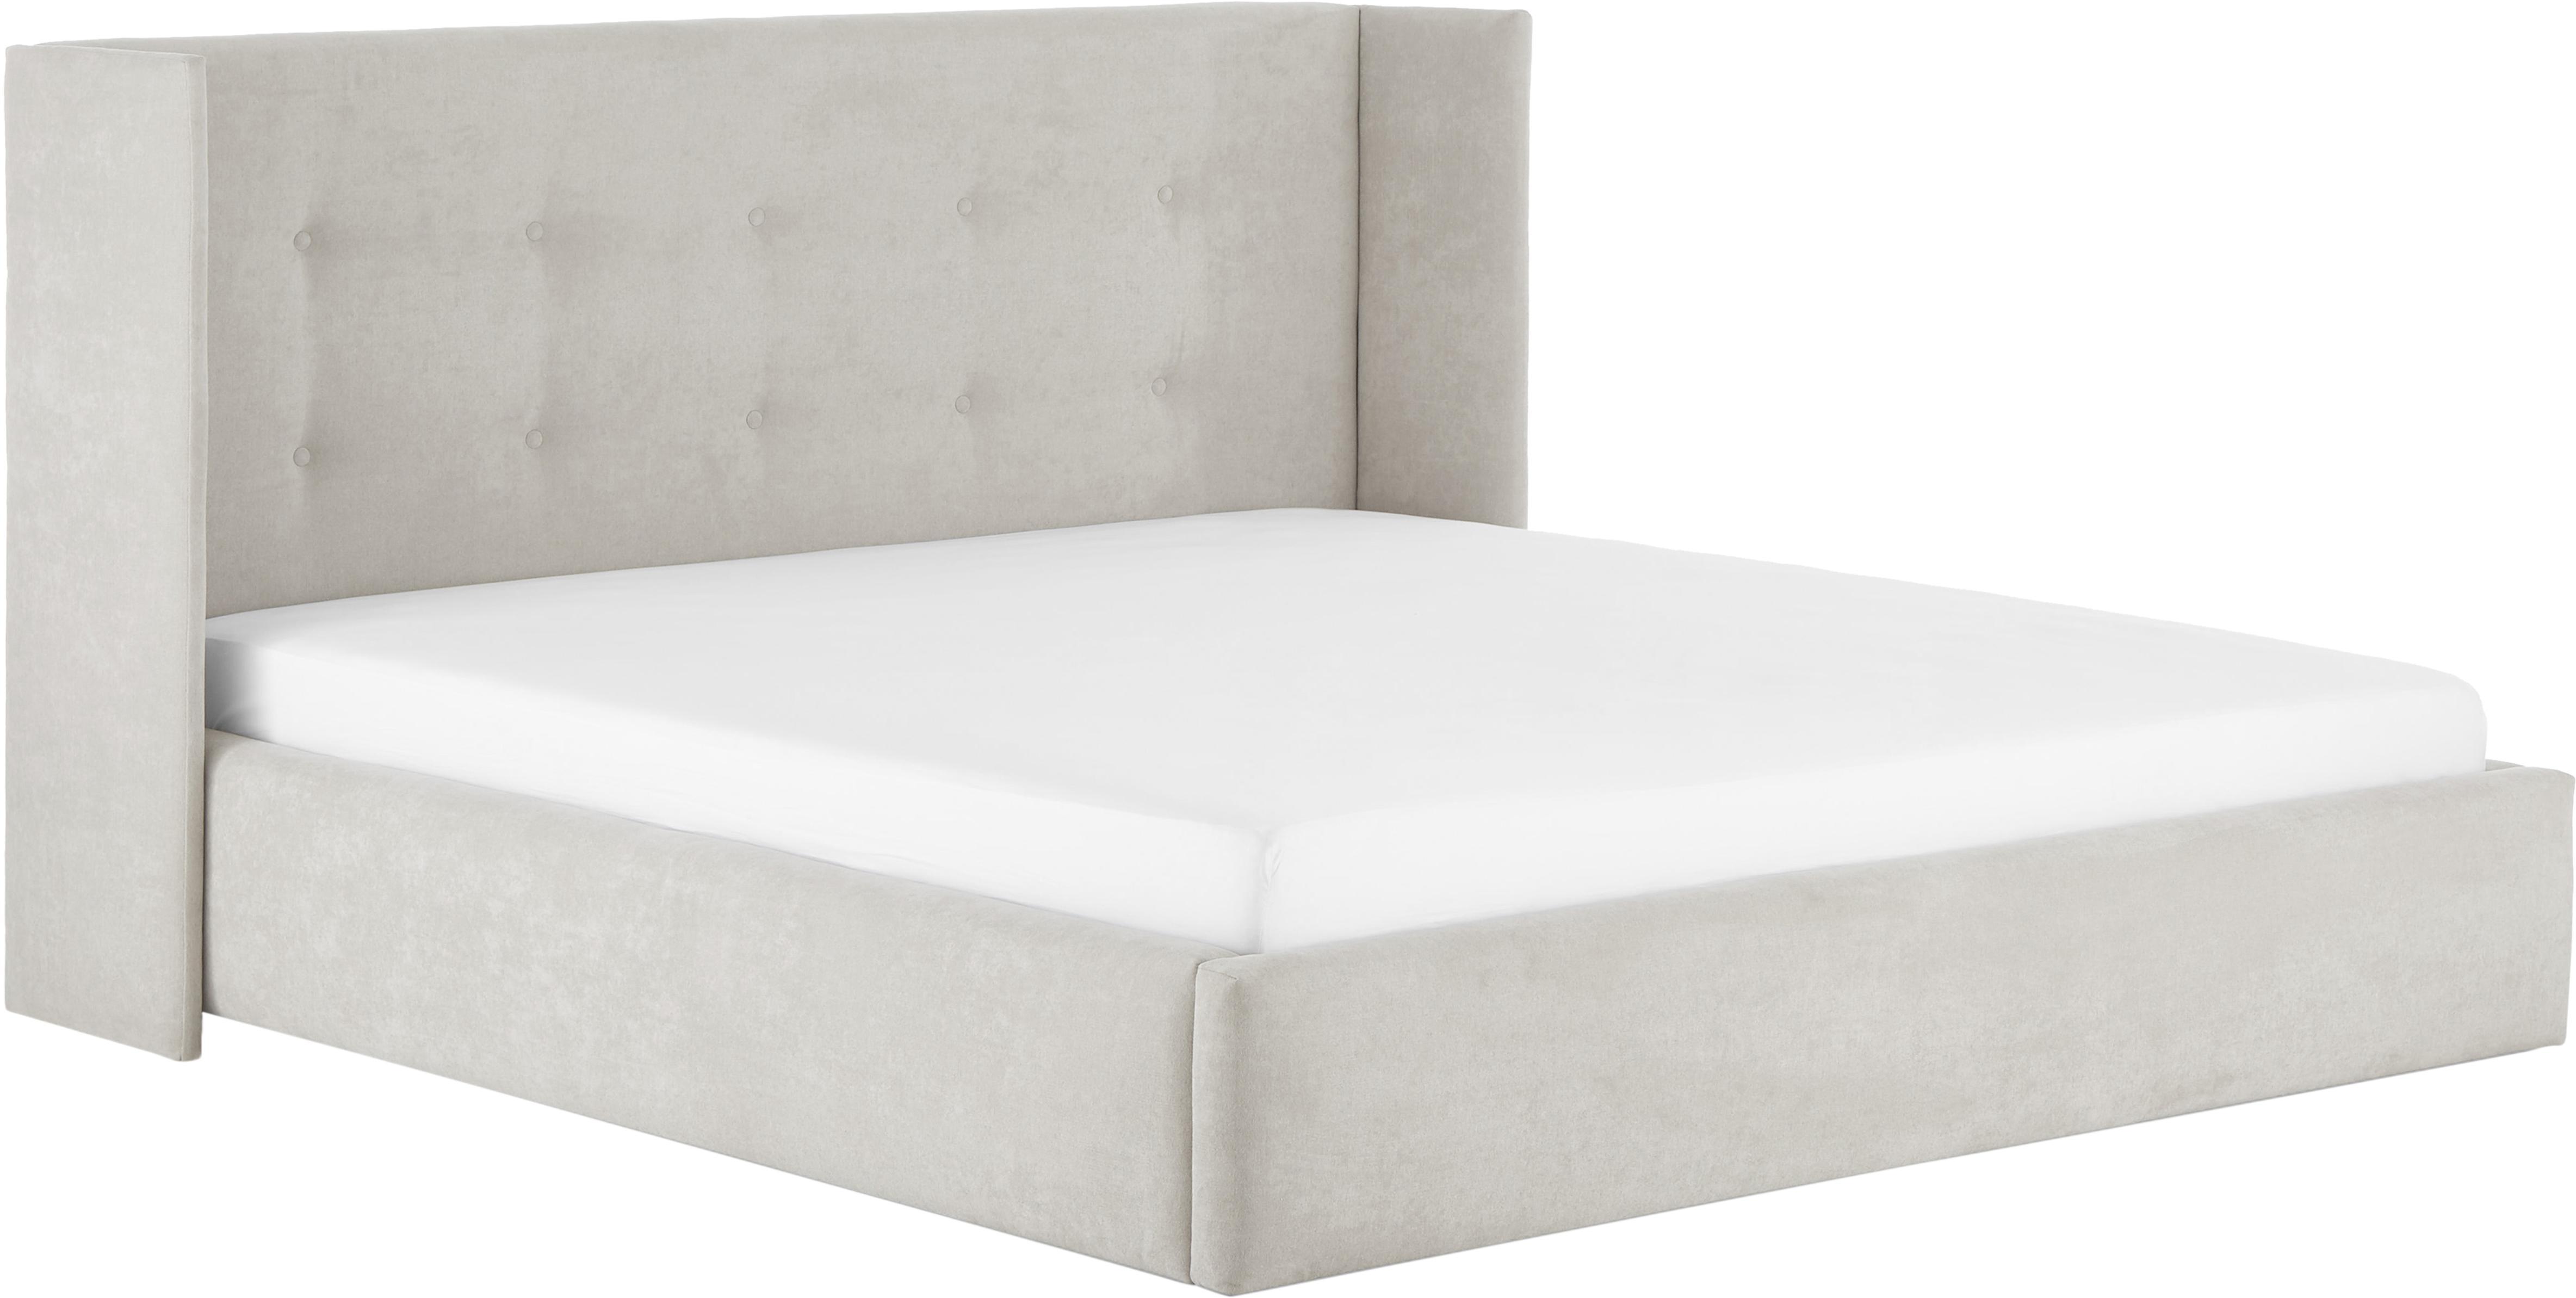 Łóżko tapicerowane Star, Korpus: lite drewno sosnowe, Tapicerka: poliester (materiał tekst, Jasny szary, 140 x 200 cm